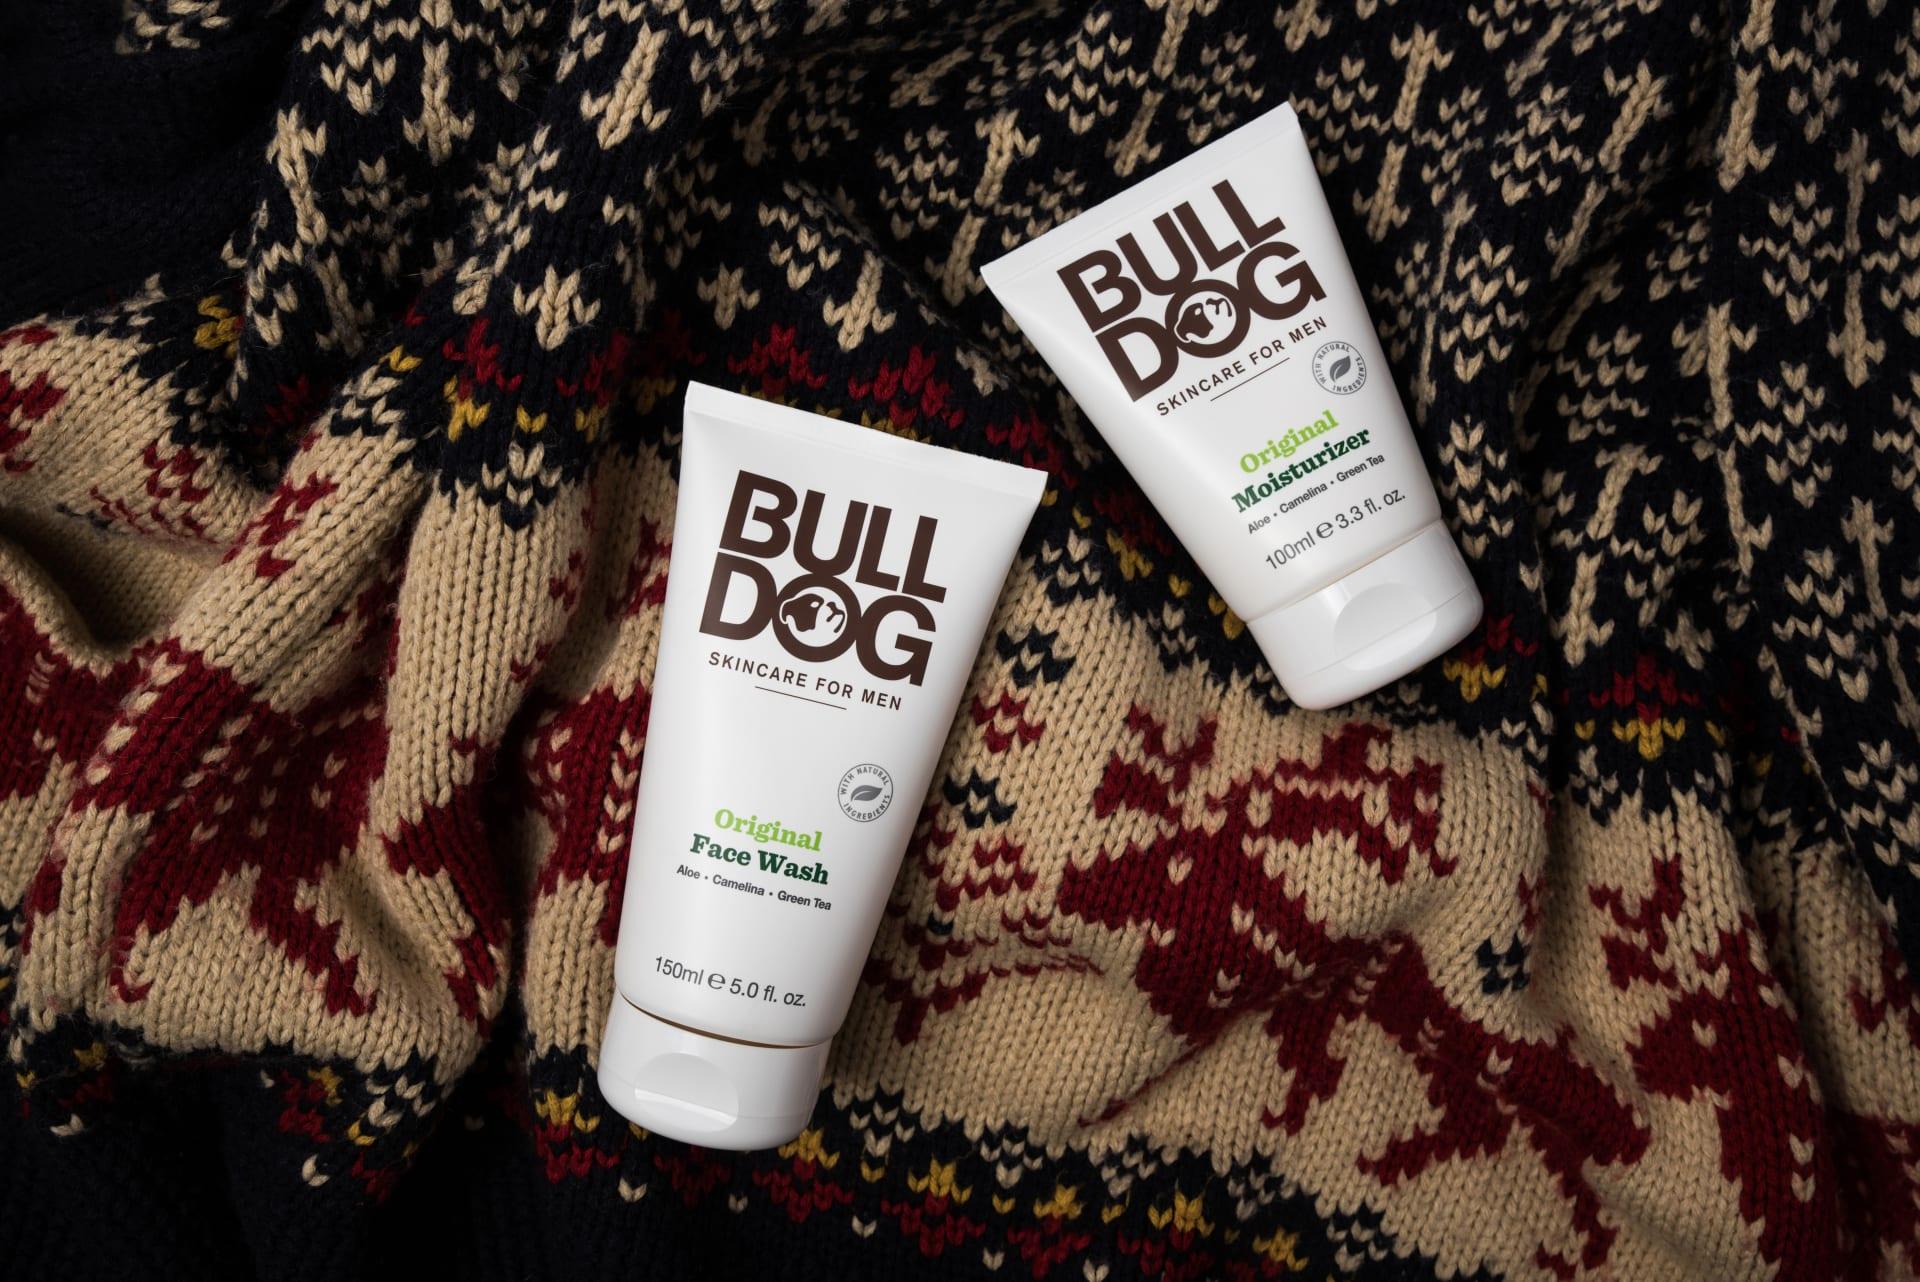 Bulldog Skincare Holiday Lead